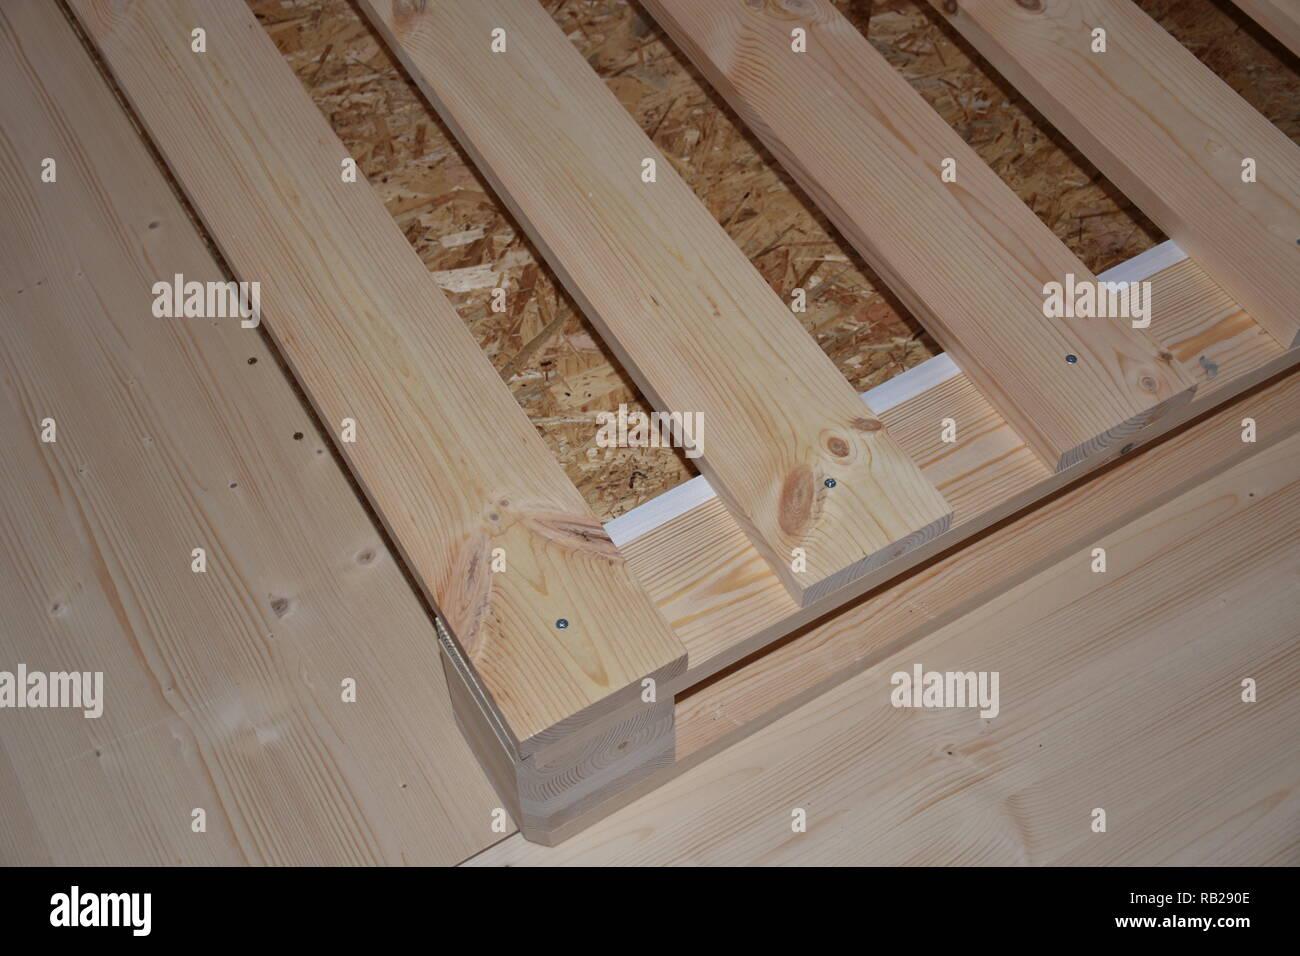 Rost Lattenrost Holz Palette Europalette Bett Unterbau Podest